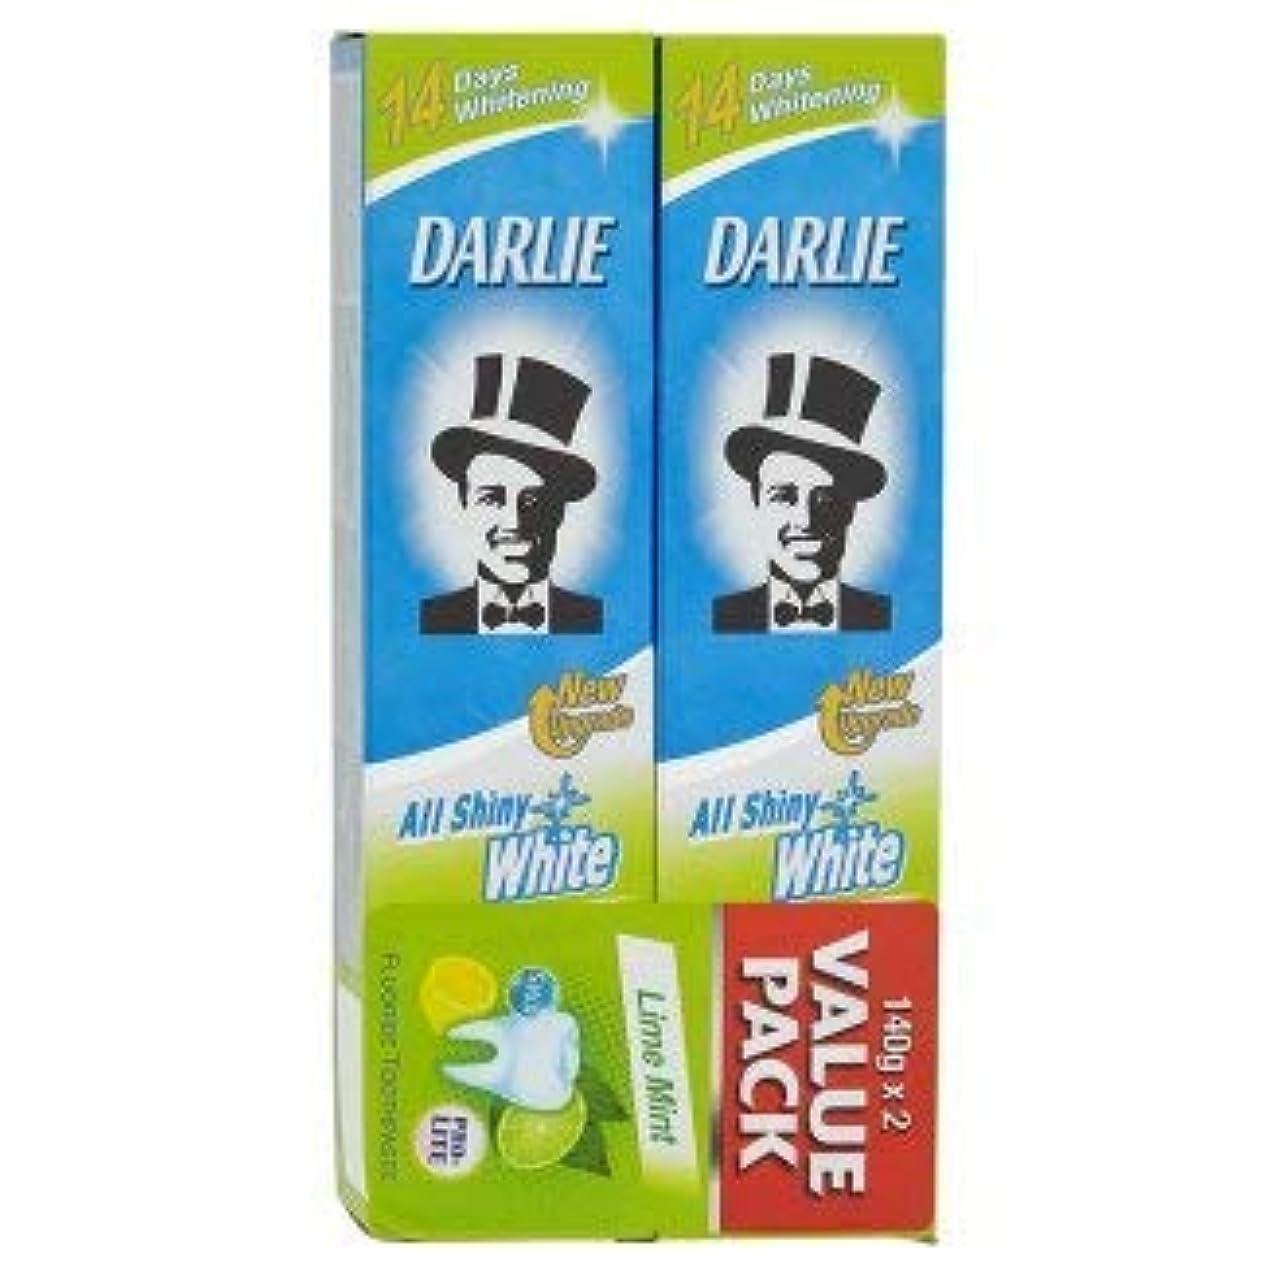 描写コンパイル要塞DARLIE 2つの電力可溶性汚れや緩やかな歯のホワイトニングを提供する新しいデュアルホワイトニングシステム - 全光沢のある白ライムミント140グラム値パックX2を歯磨き粉